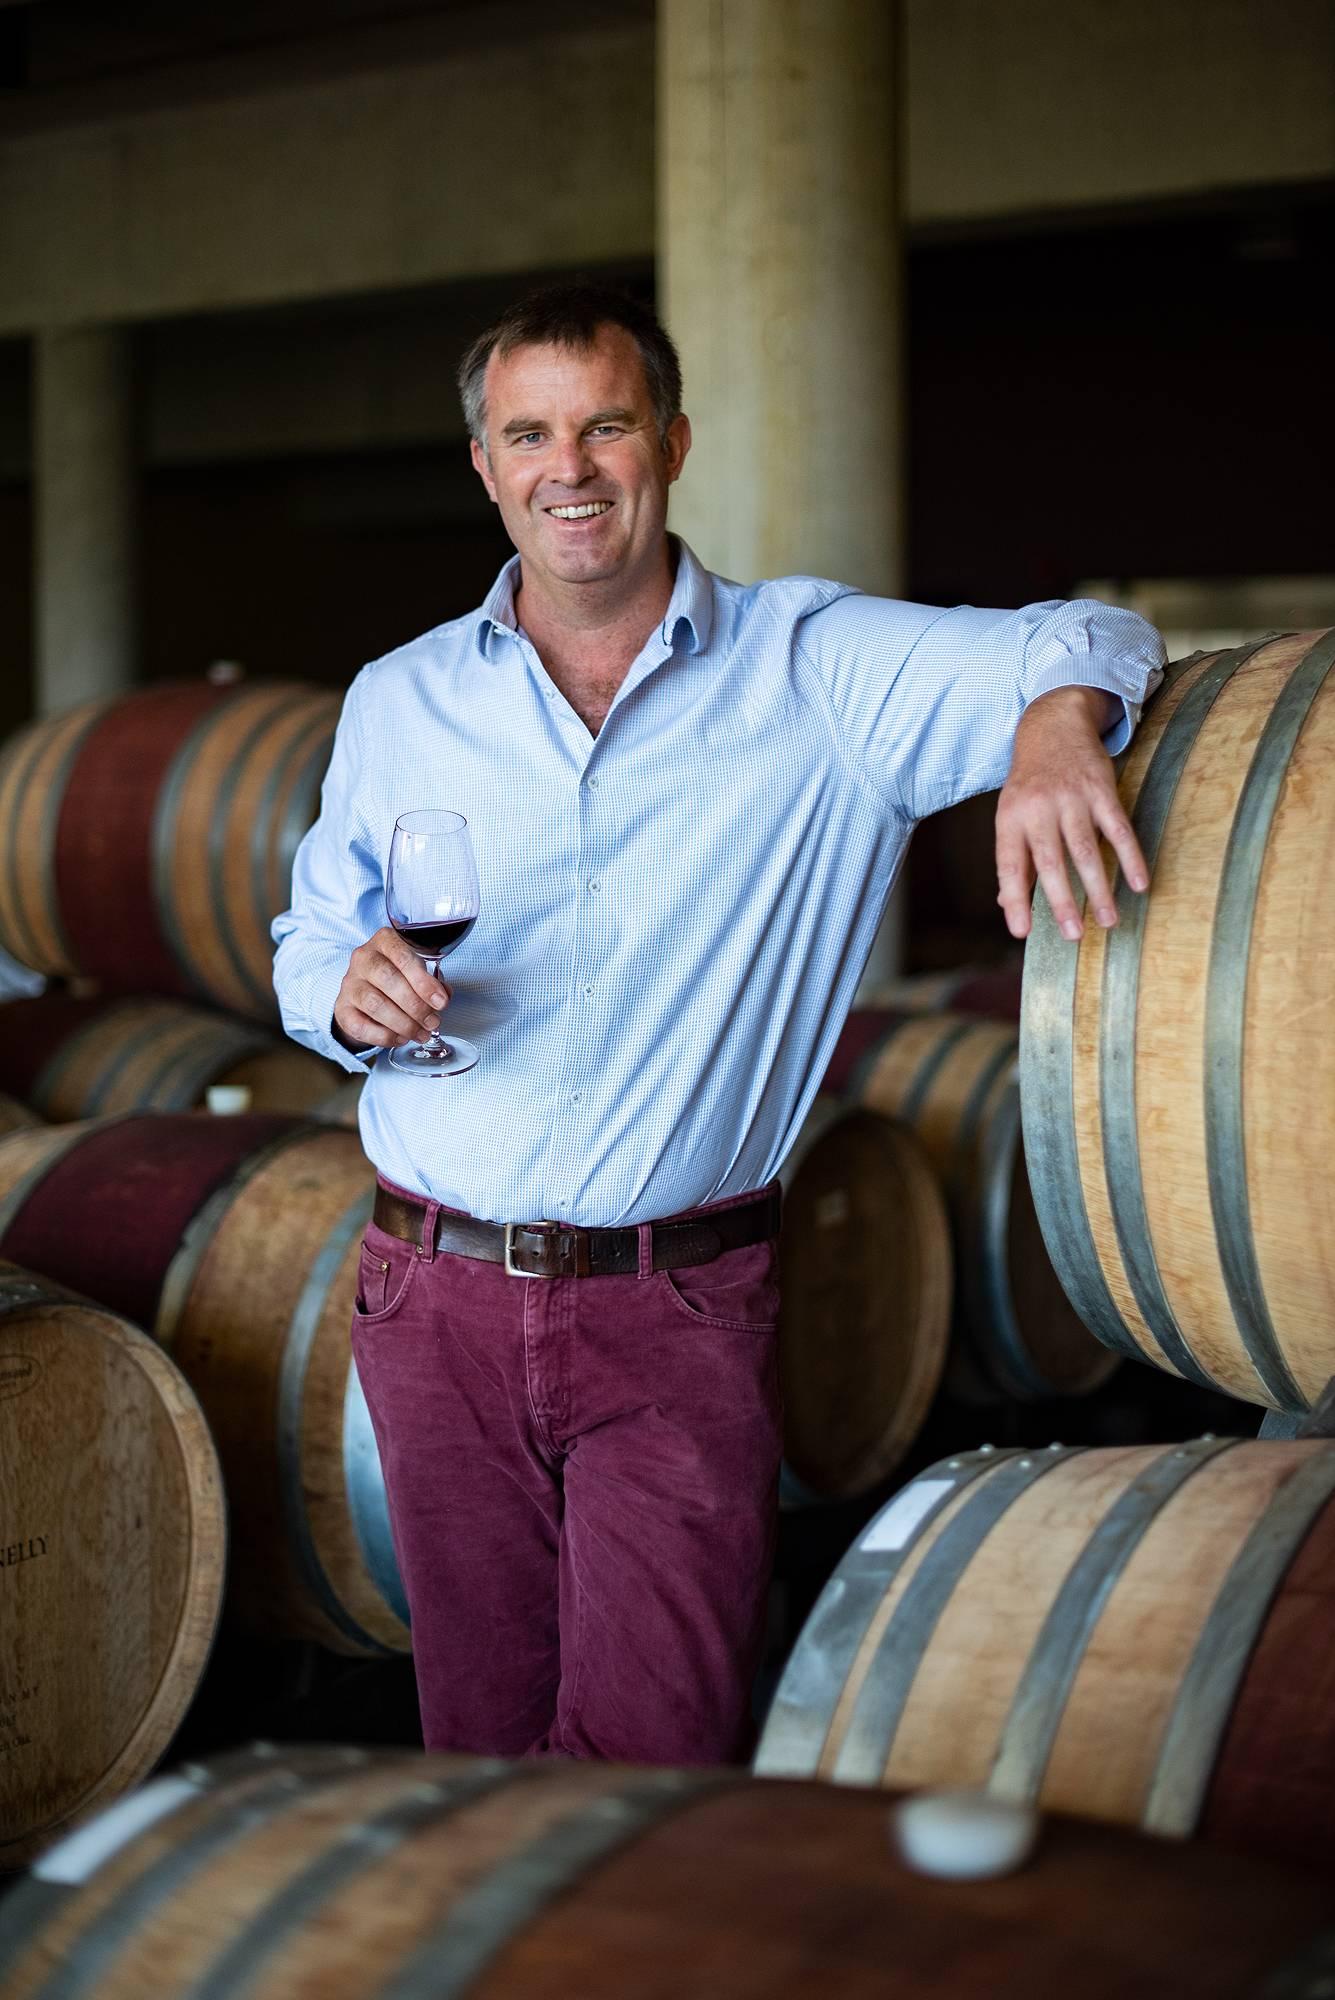 Glenelly- Stellenbosch- Wijnmaker Luke O'Cuinneagain uit Zuid-Afrika - Wijnmaker Luke